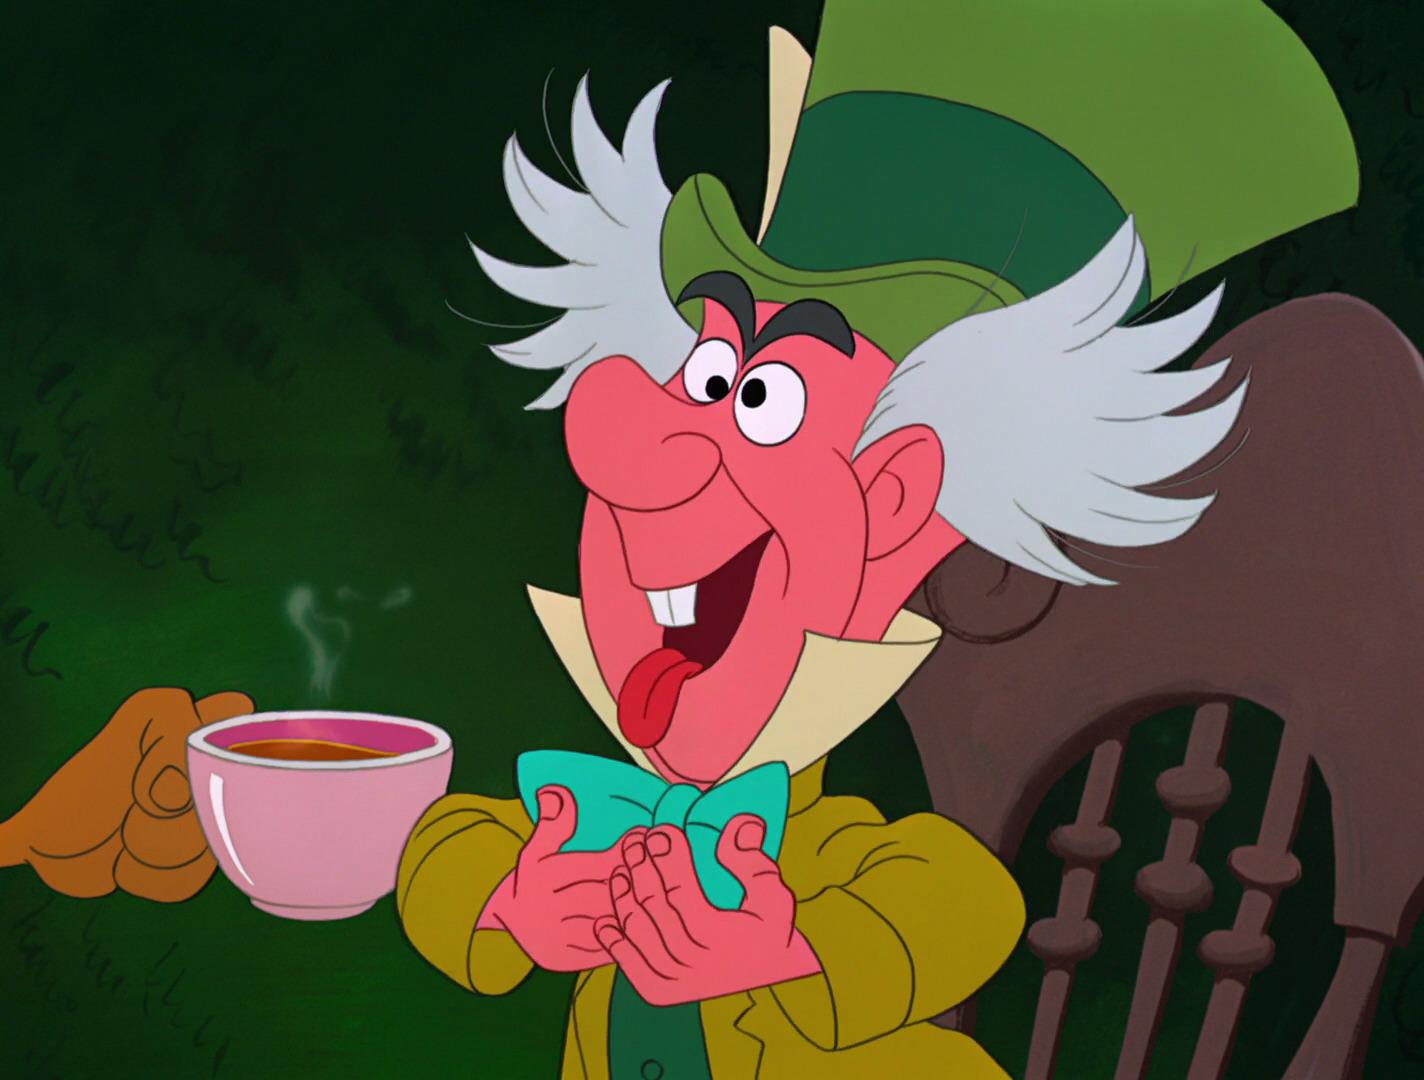 Le dico disney. Alice au Pays des Merveilles. Dessin animé de Walt Disney, sorti en France en 1951. L'histoire: Rêveuse,  Alice voit passer un lapin blanc qui sort une montre de son gilet. Elle se lance à sa poursuite et tombe dans un terrier qui débouche sur une porte minuscule. Le contenu d'un...